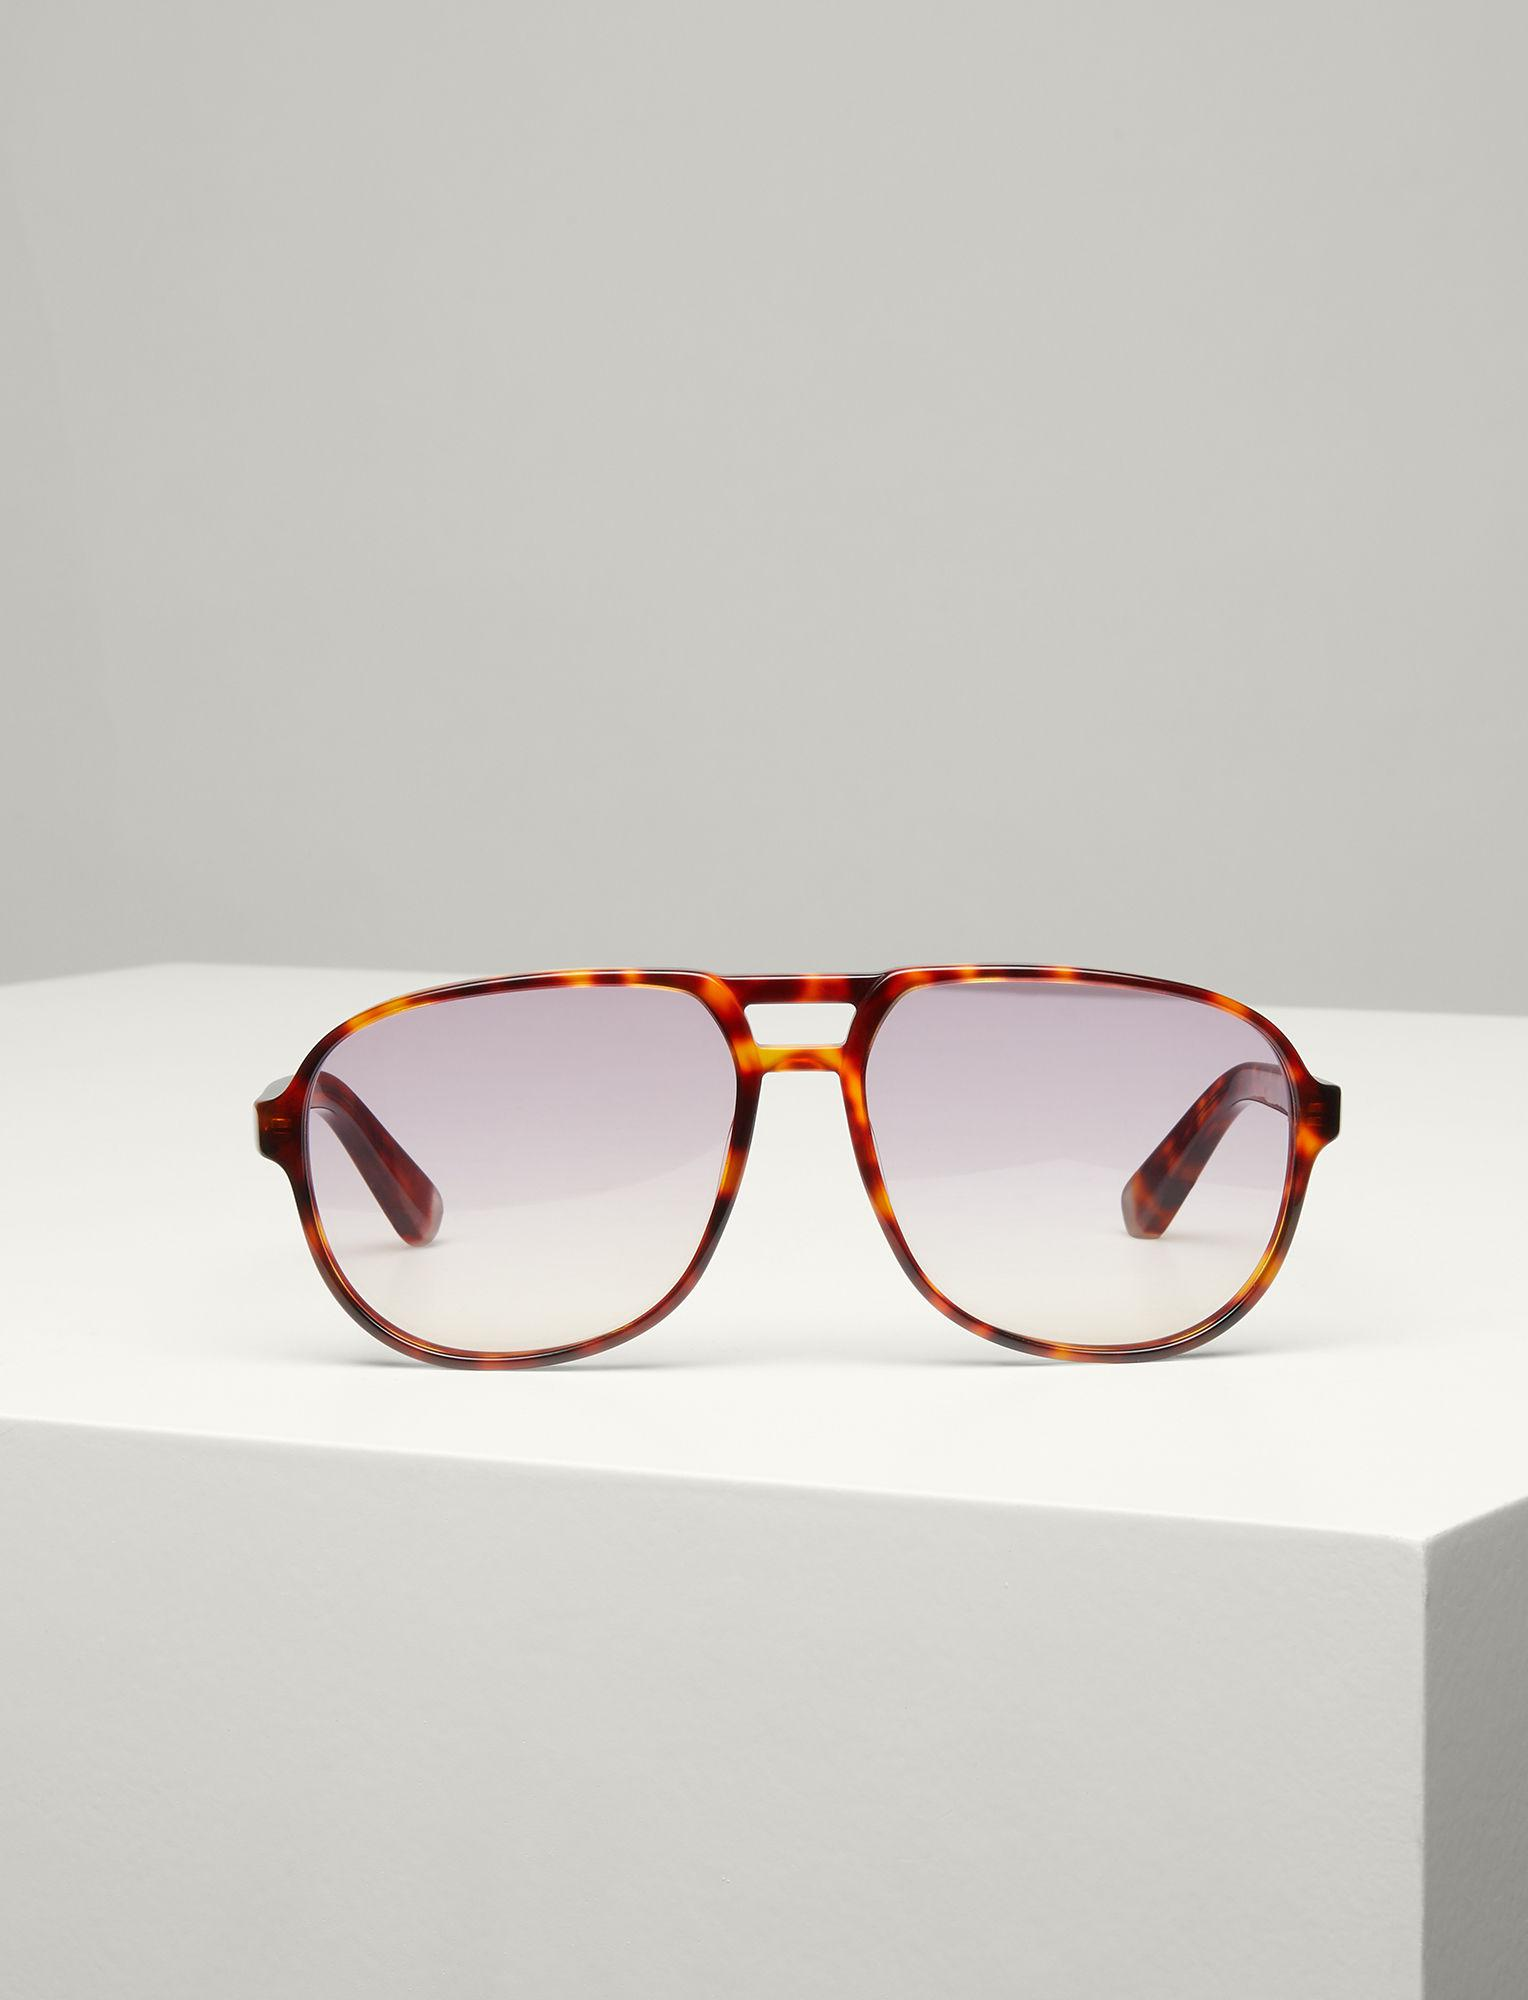 Brompton sunglasses - Black Joseph Q0mxh